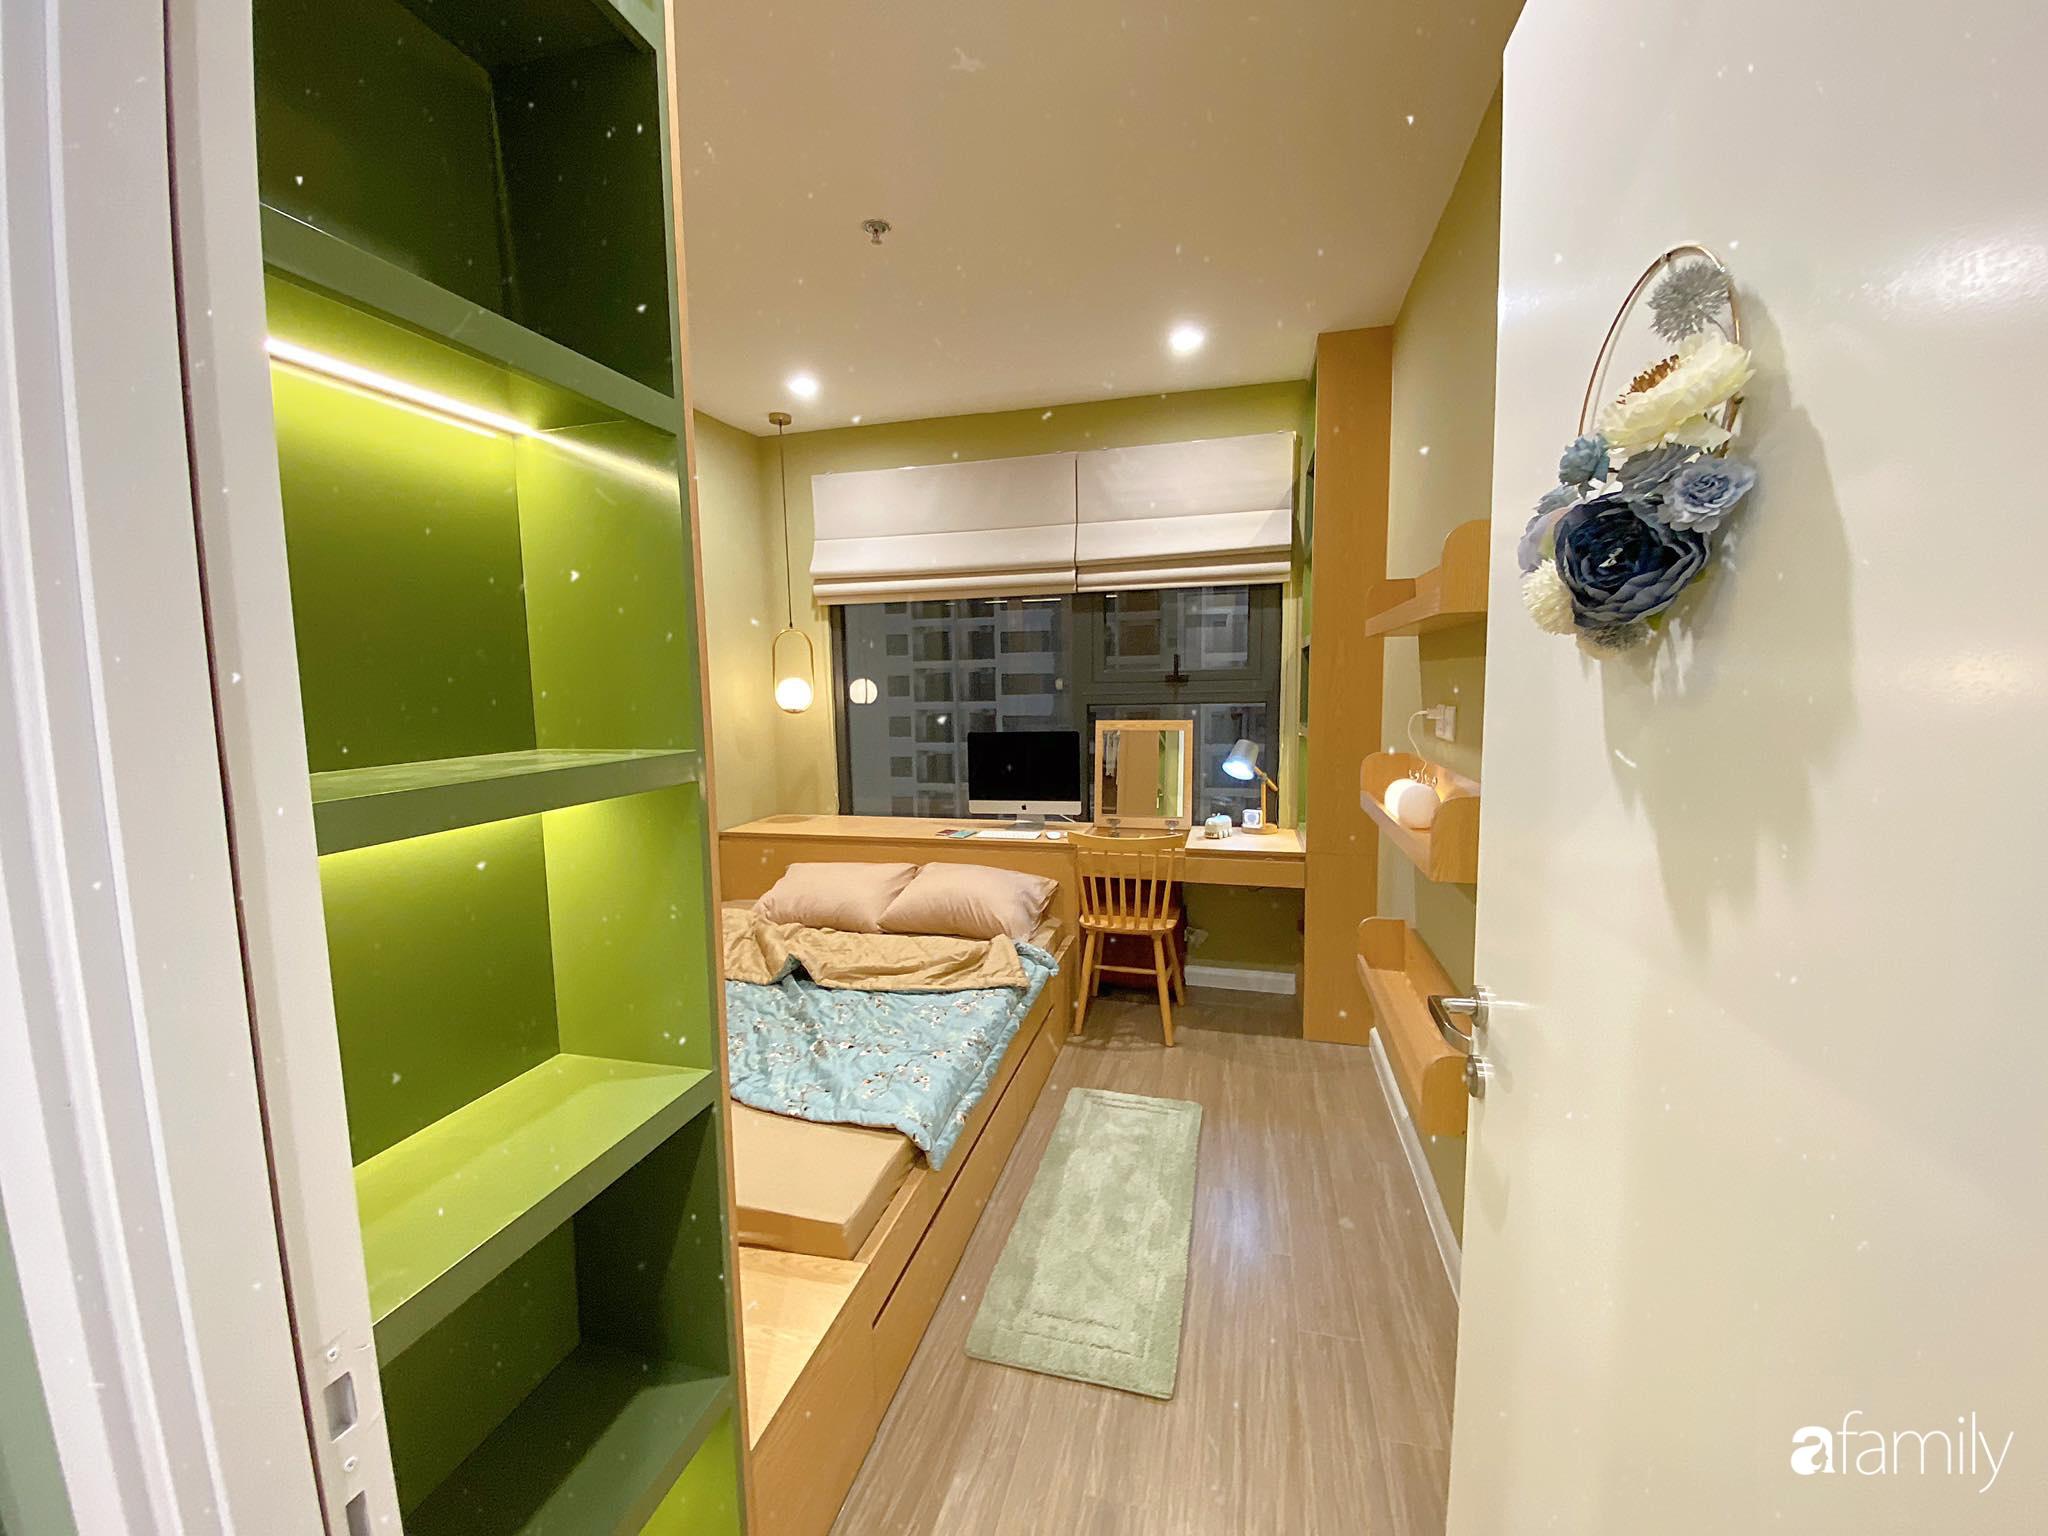 Căn hộ 59m² màu xanh lá xua tan nóng bức mùa hè có chi phí hoàn thiện 225 triệu đồng ở Hà Nội - Ảnh 16.